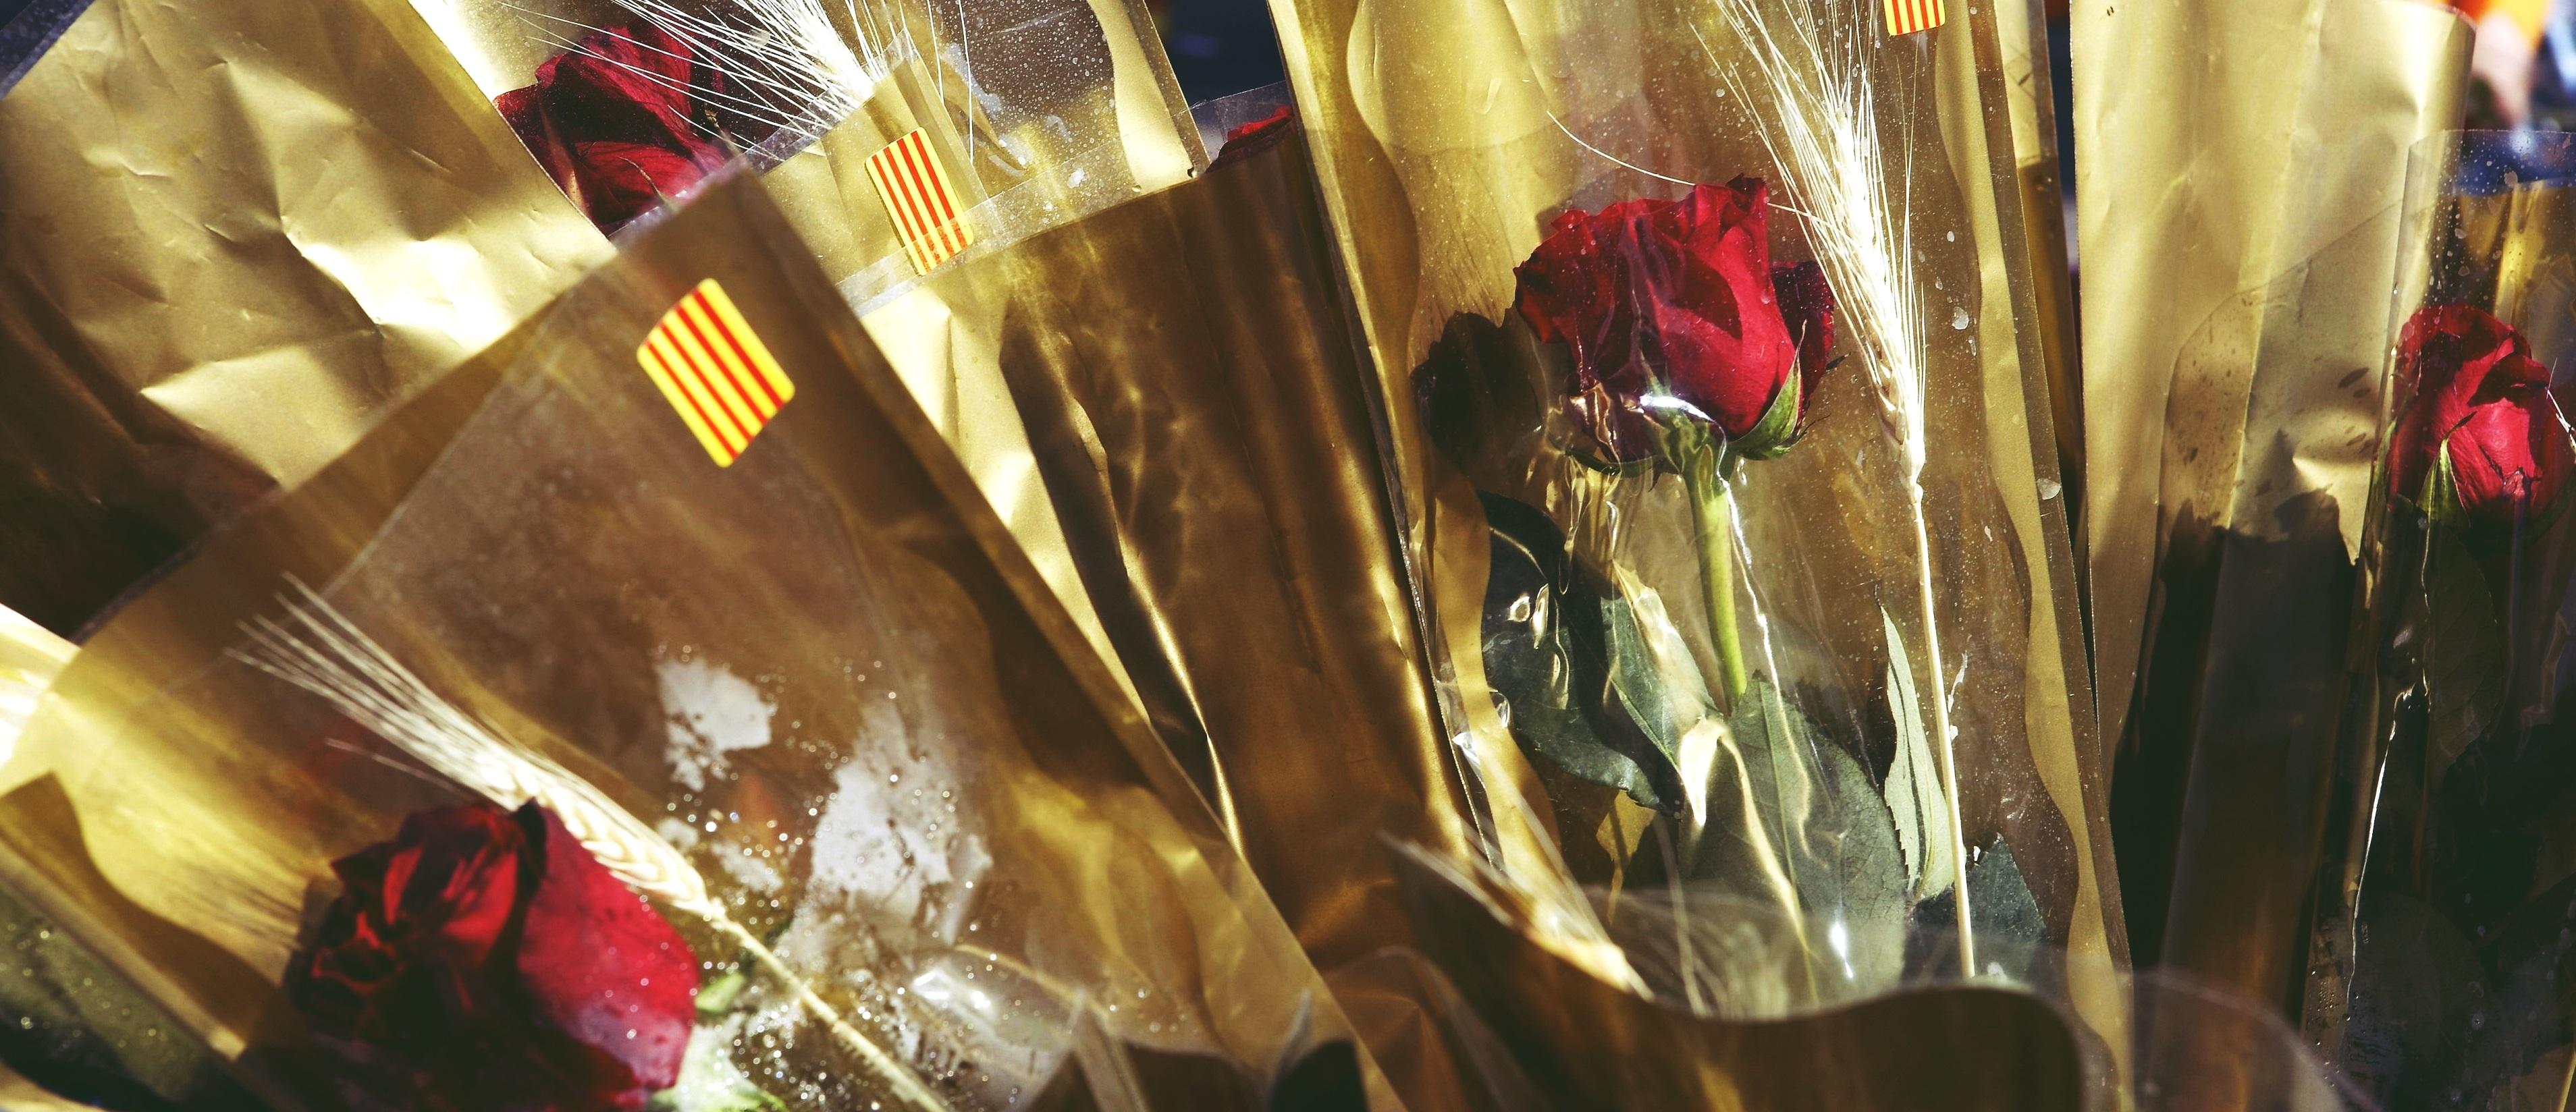 ¿Por qué es tan especial Sant Jordi? Conoce la leyenda que dio pie al día del libro